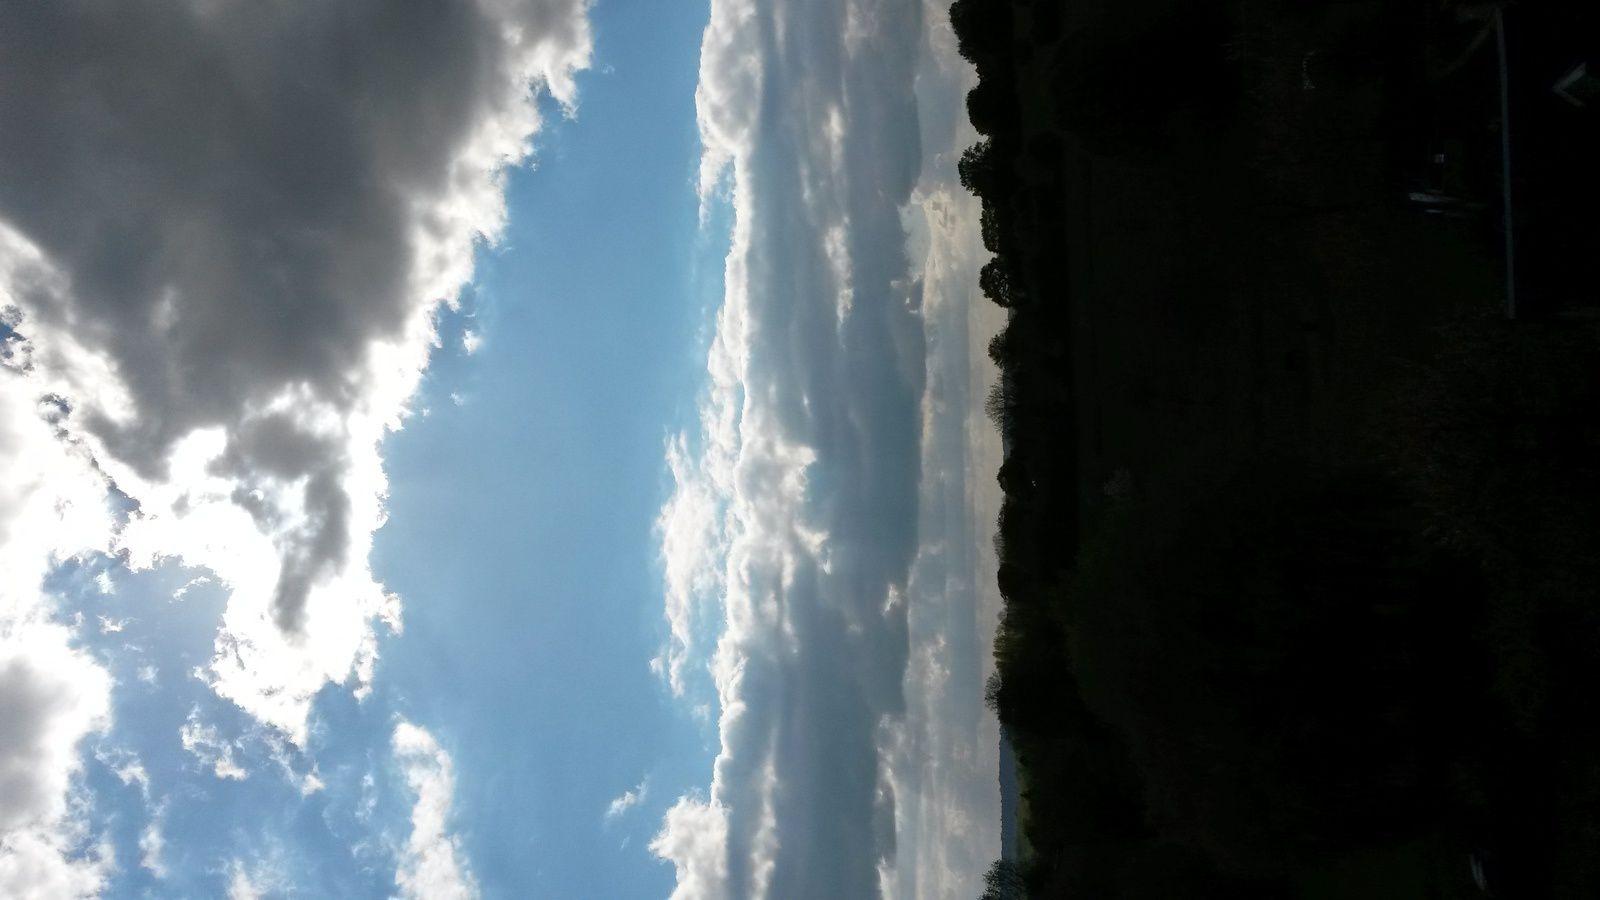 Là il était environ 18h... le ciel menaçait un peu quand même ...